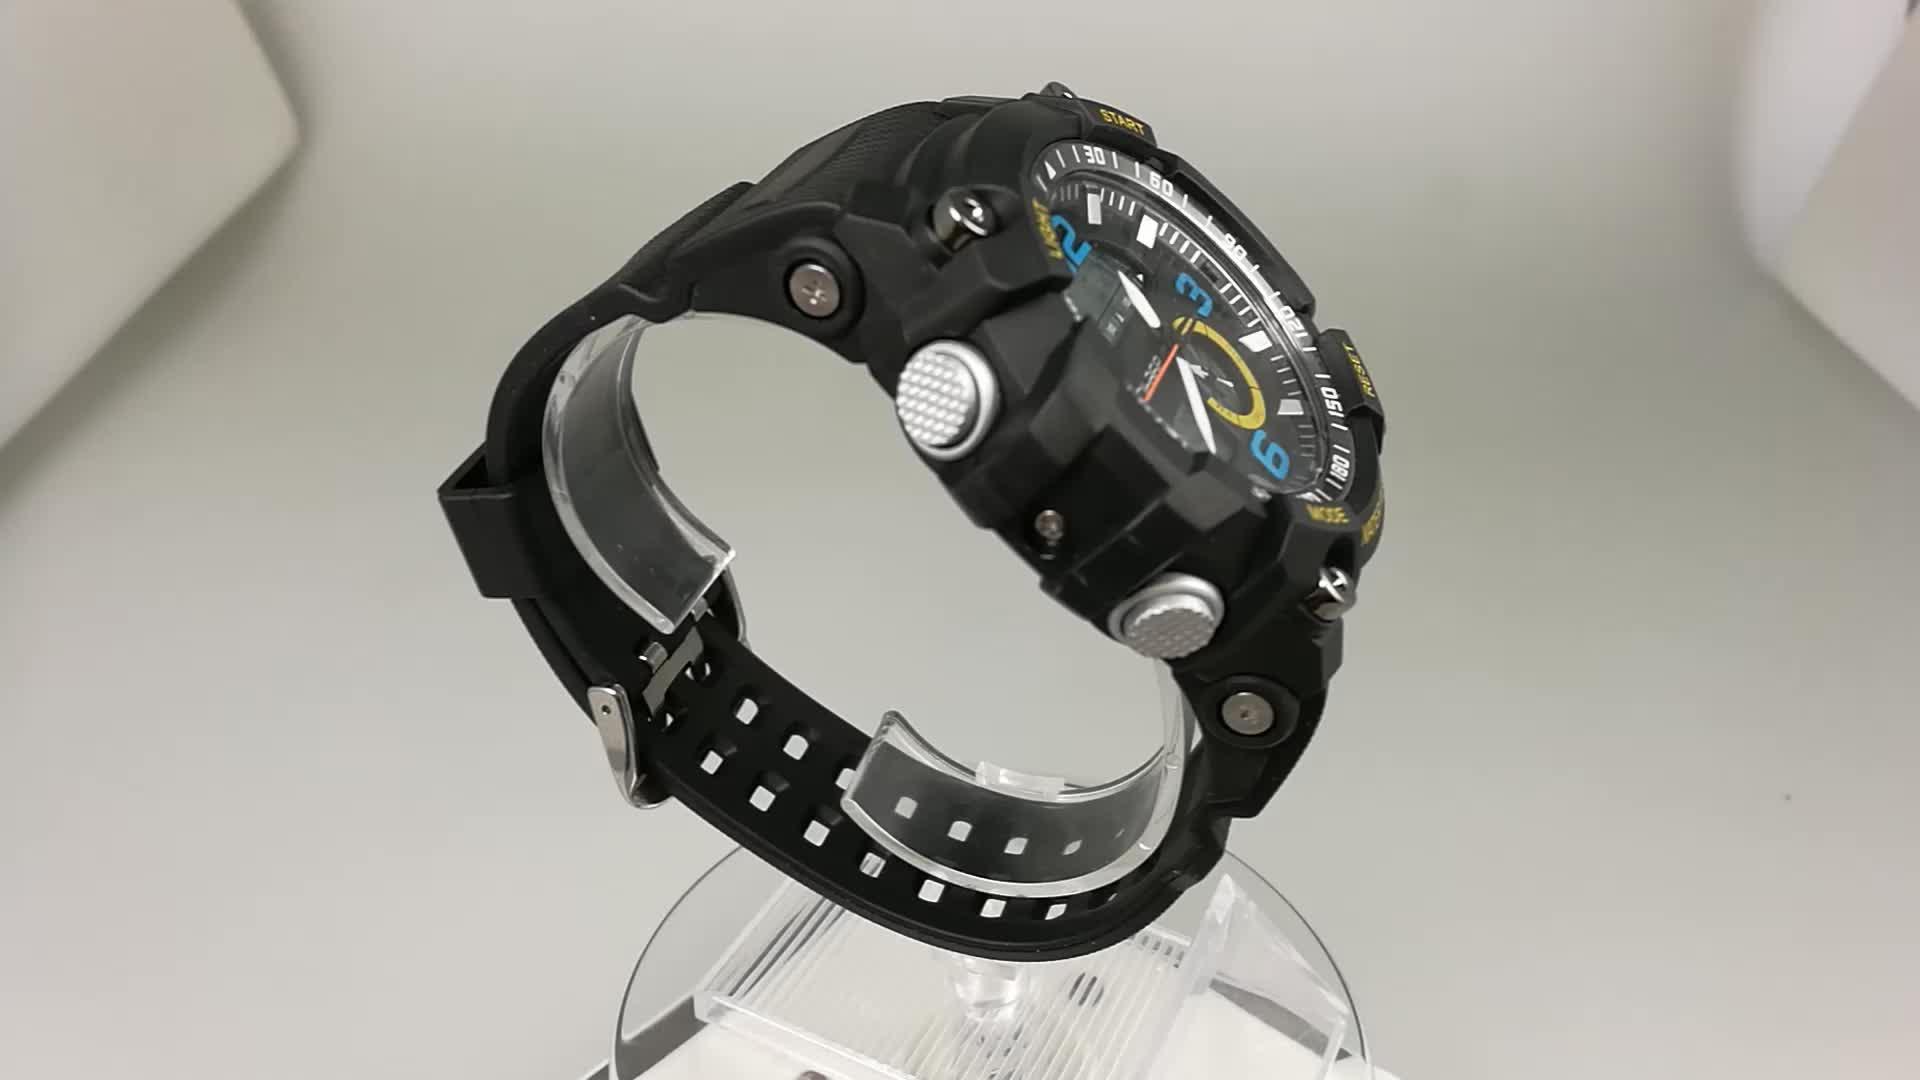 นาฬิกาดิจิตอลชายทหารทหารนาฬิกากันน้ำกีฬาดิจิตอลนาฬิกา